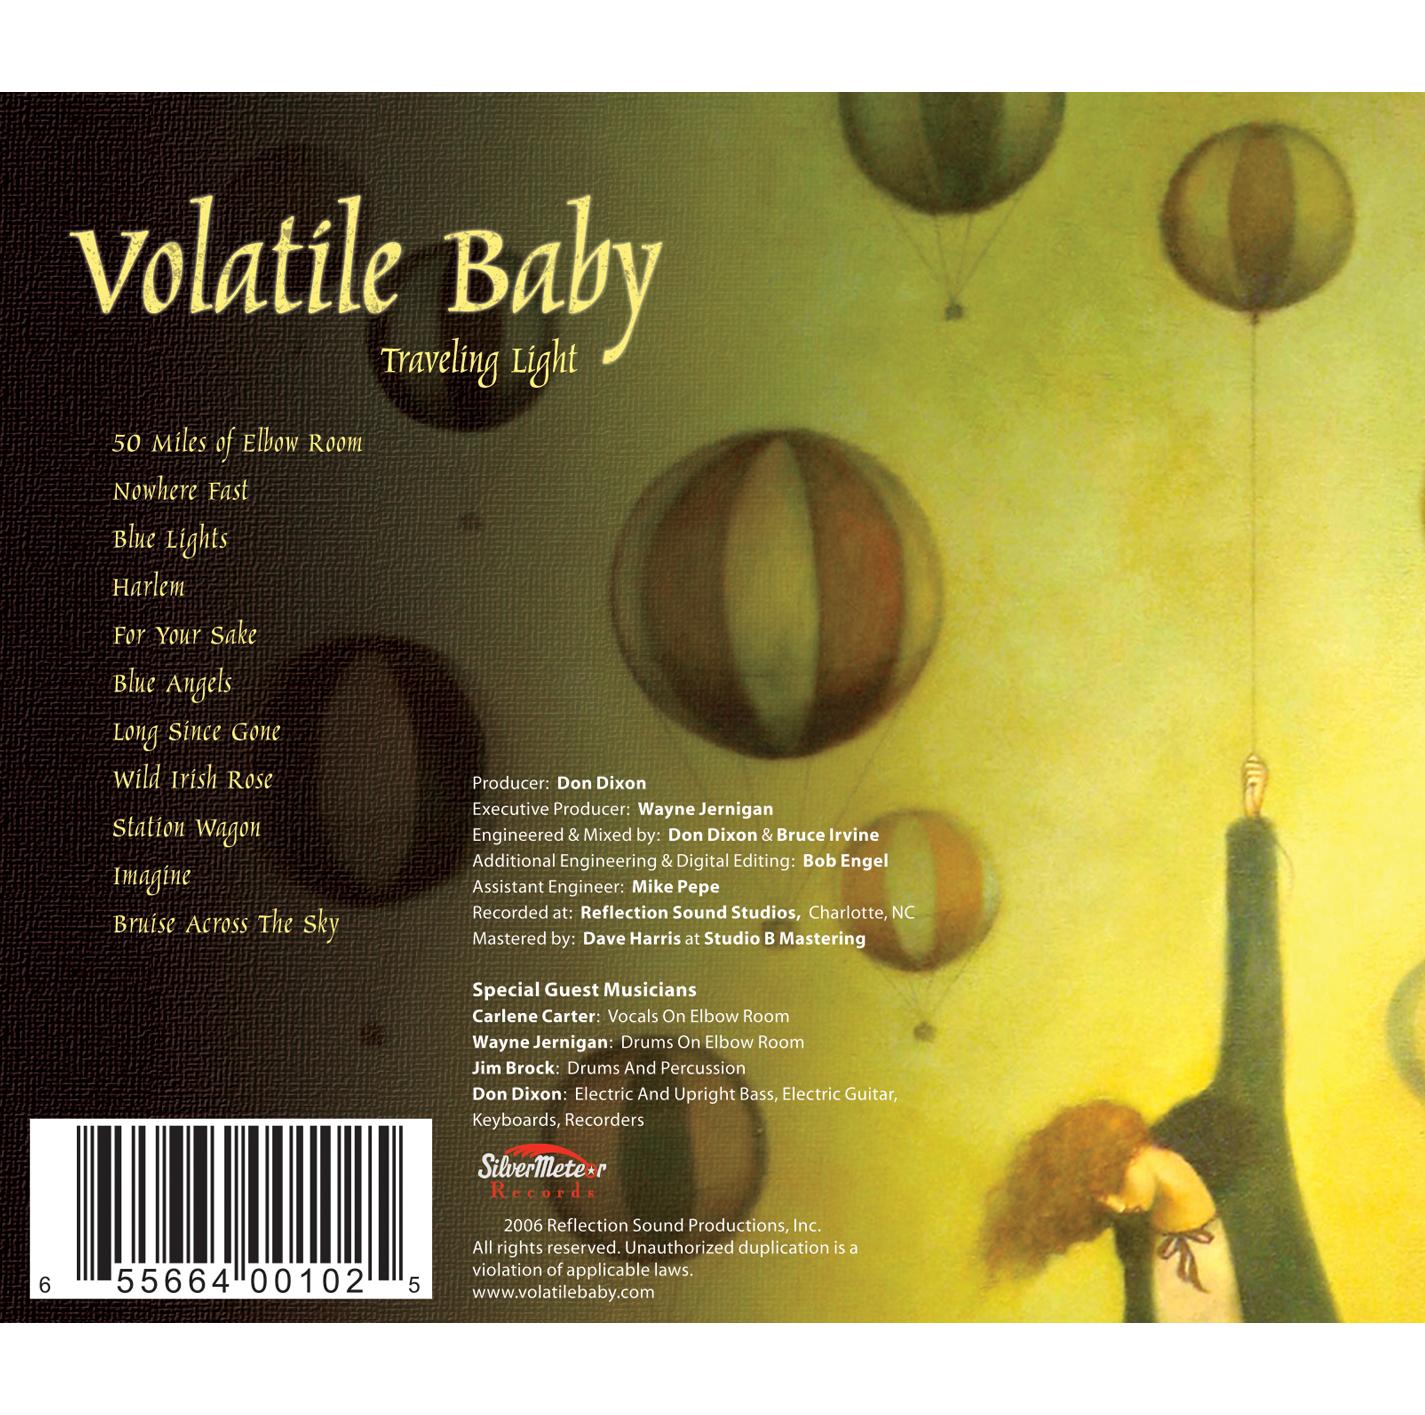 Music Packaging Design, CD Cover Design, Music Graphic Design, Album Cover Artist